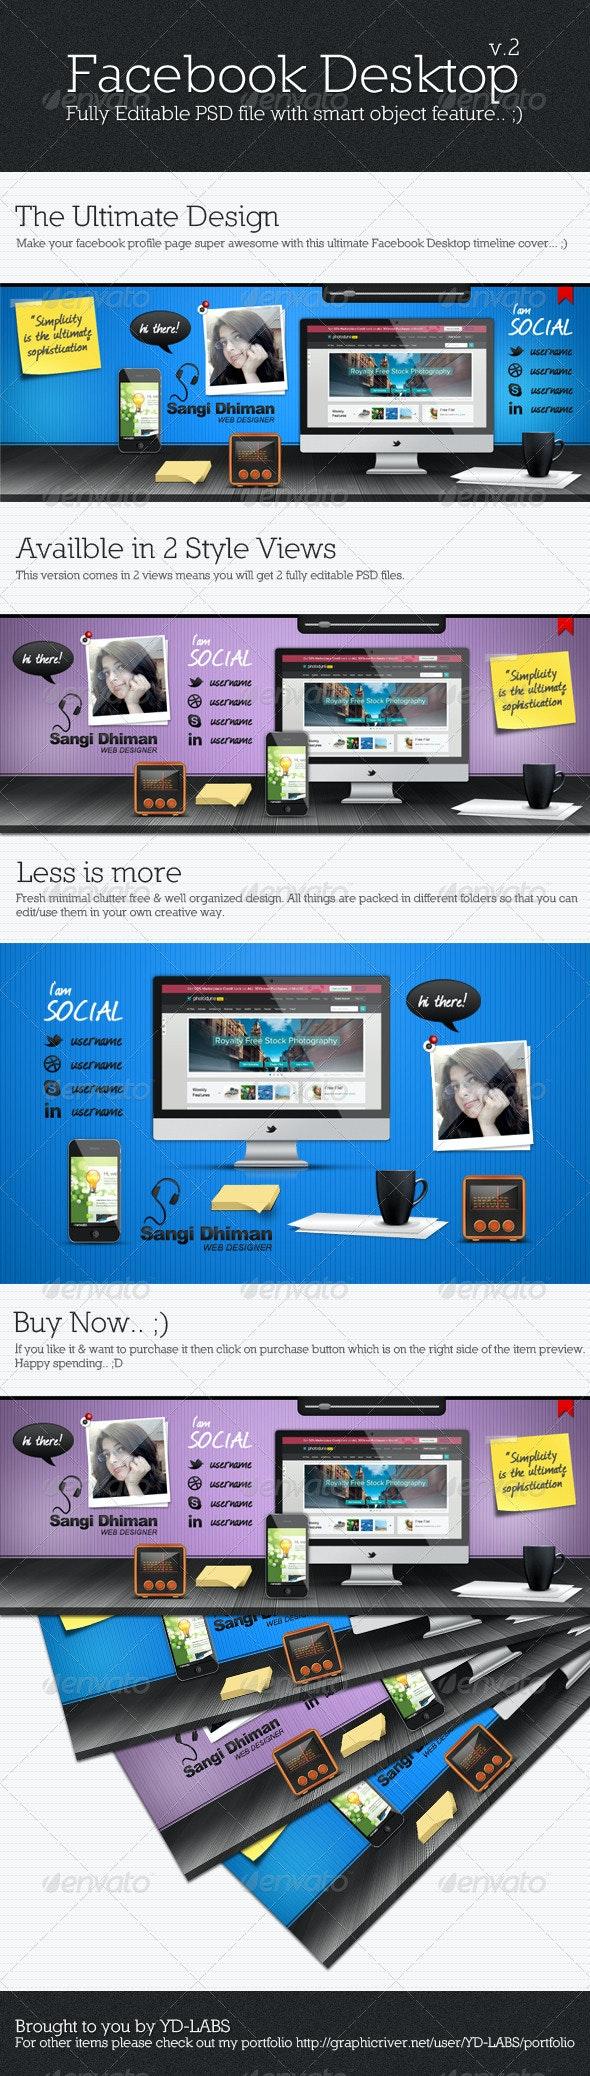 Facebook Desktop V2